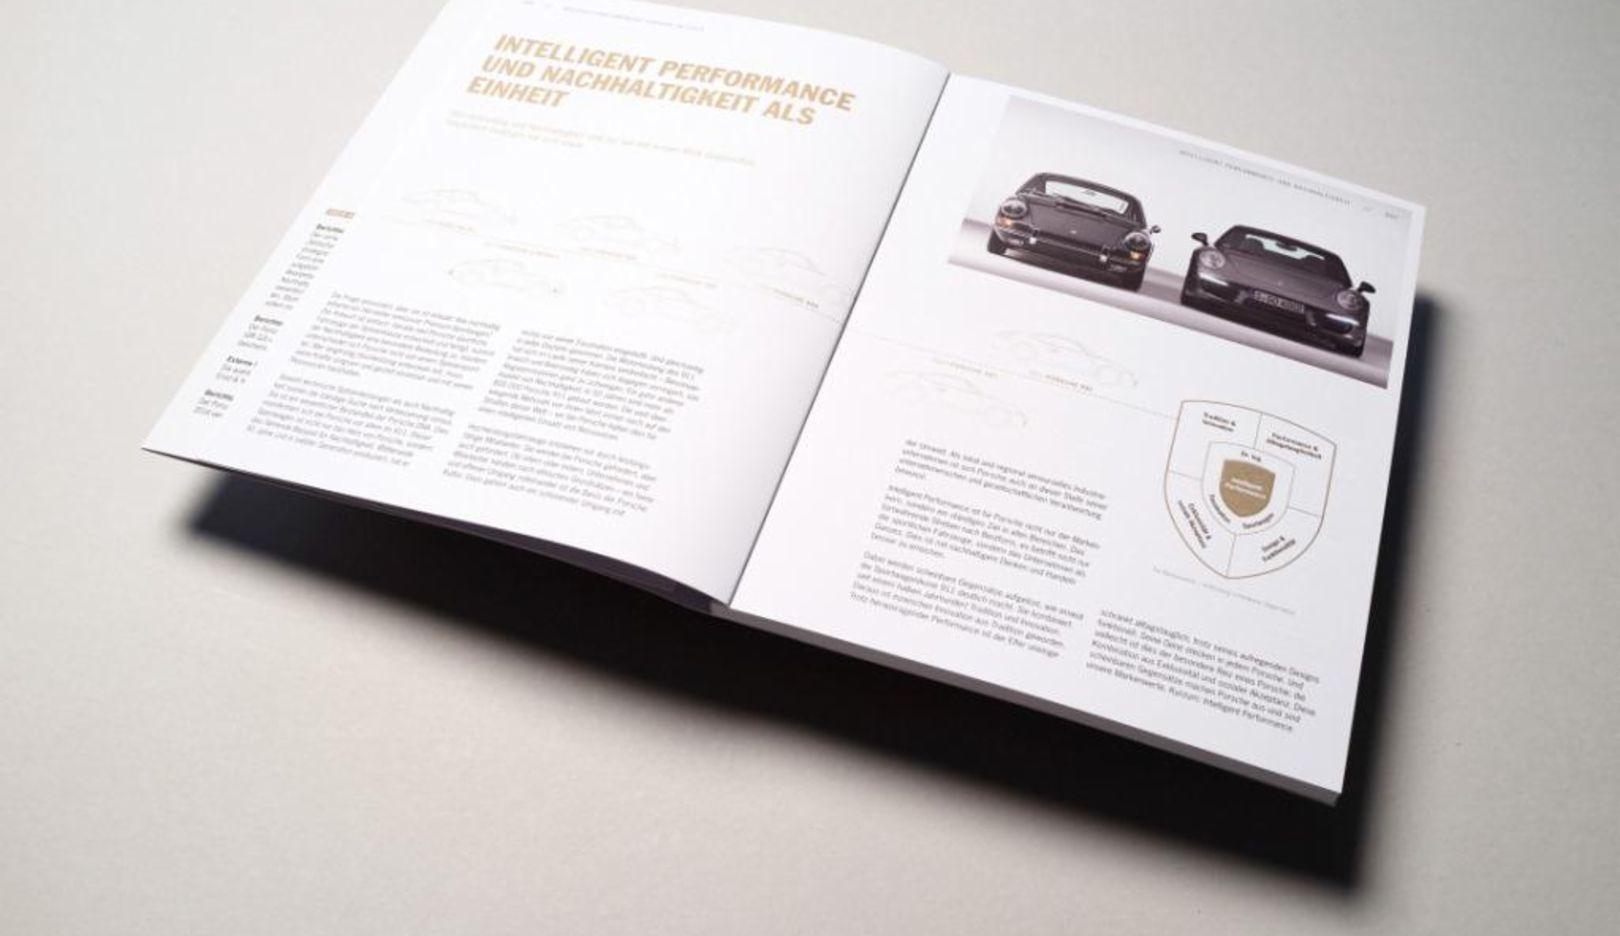 Nachhaltigkeitsbericht, 2014, Porsche AG